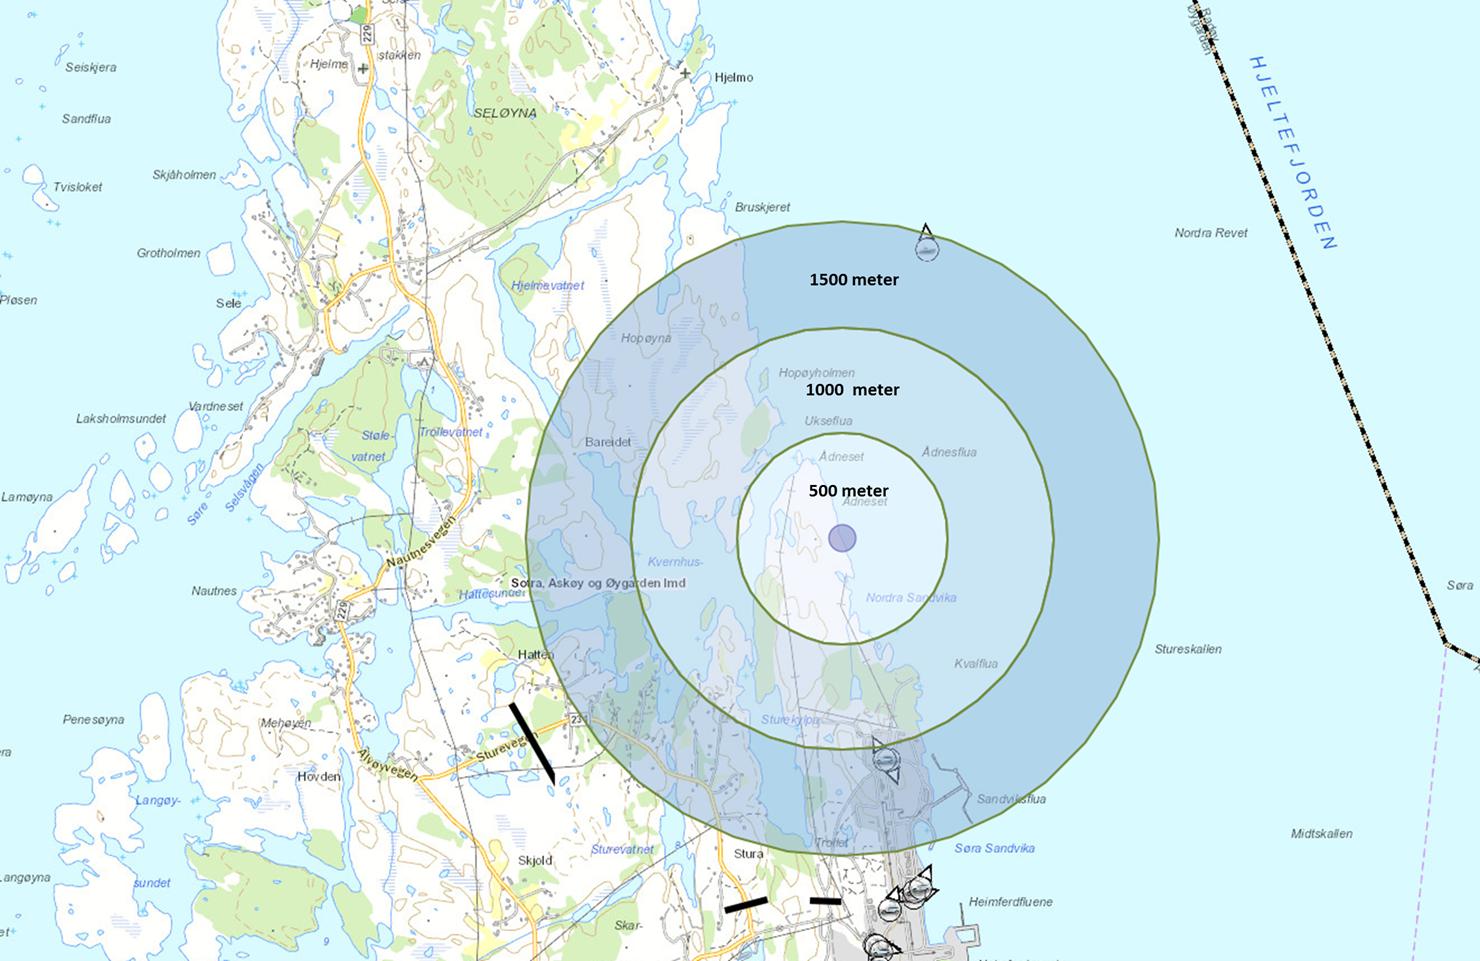 FERDSELSFORBUD: Kartet viser ferdselsforbudet rundt havaristen i Øygarden.